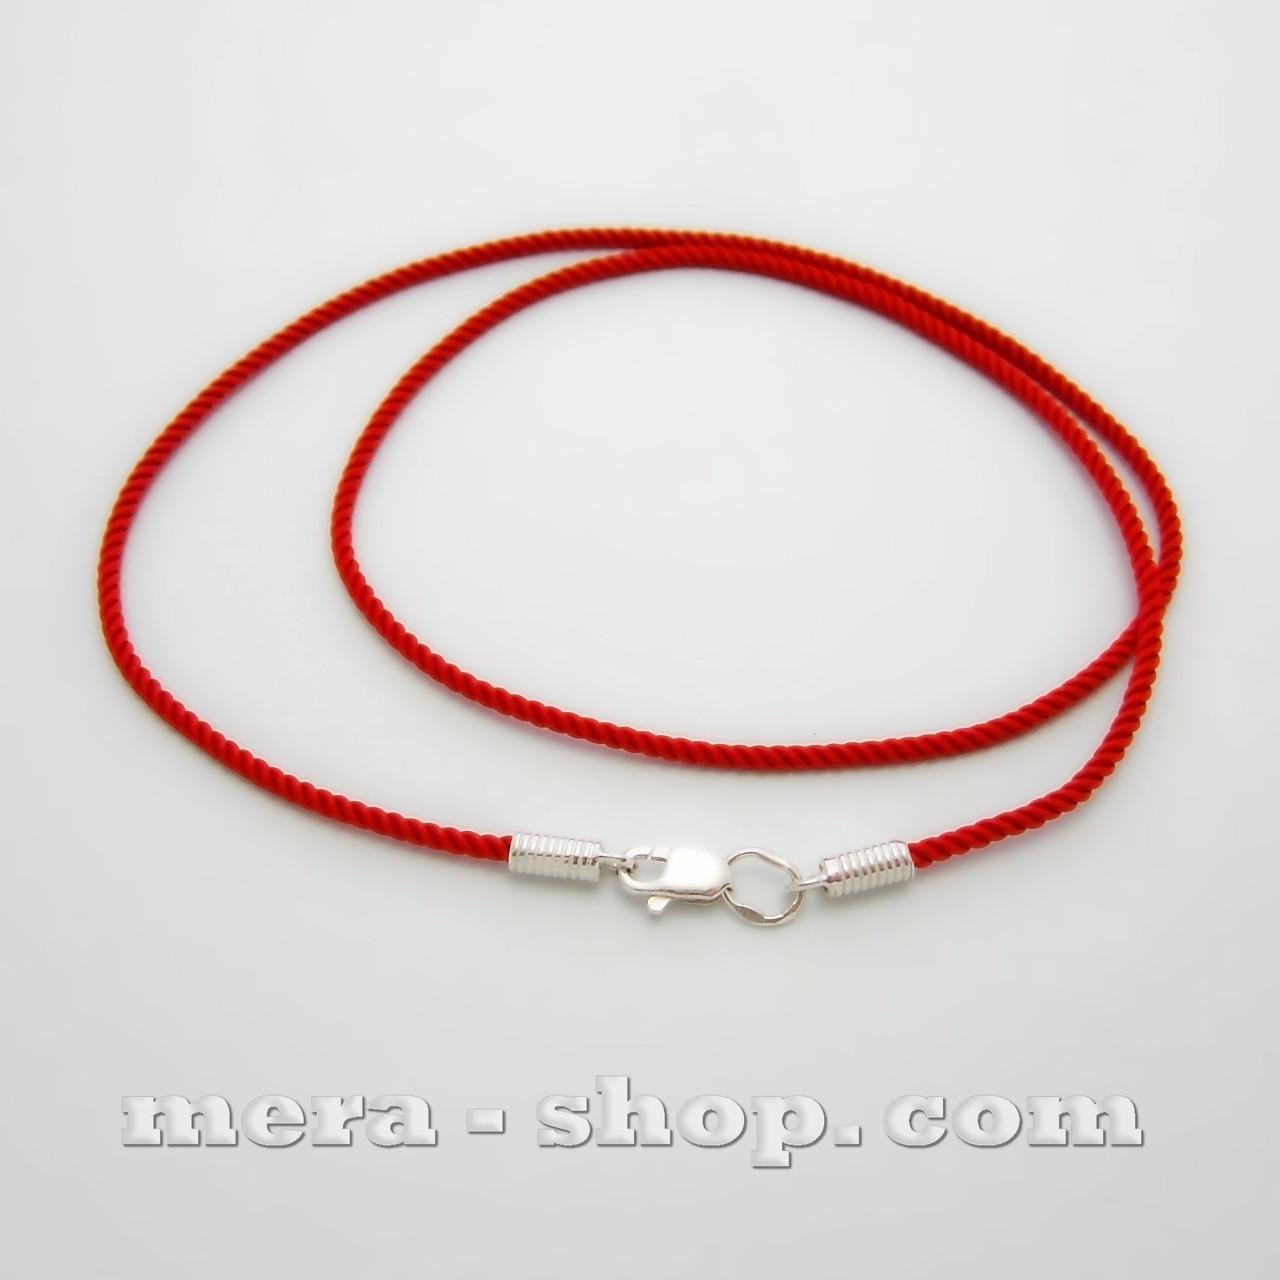 Шёлковый шнурок красный (⌀2,0 мм) серебряный замок